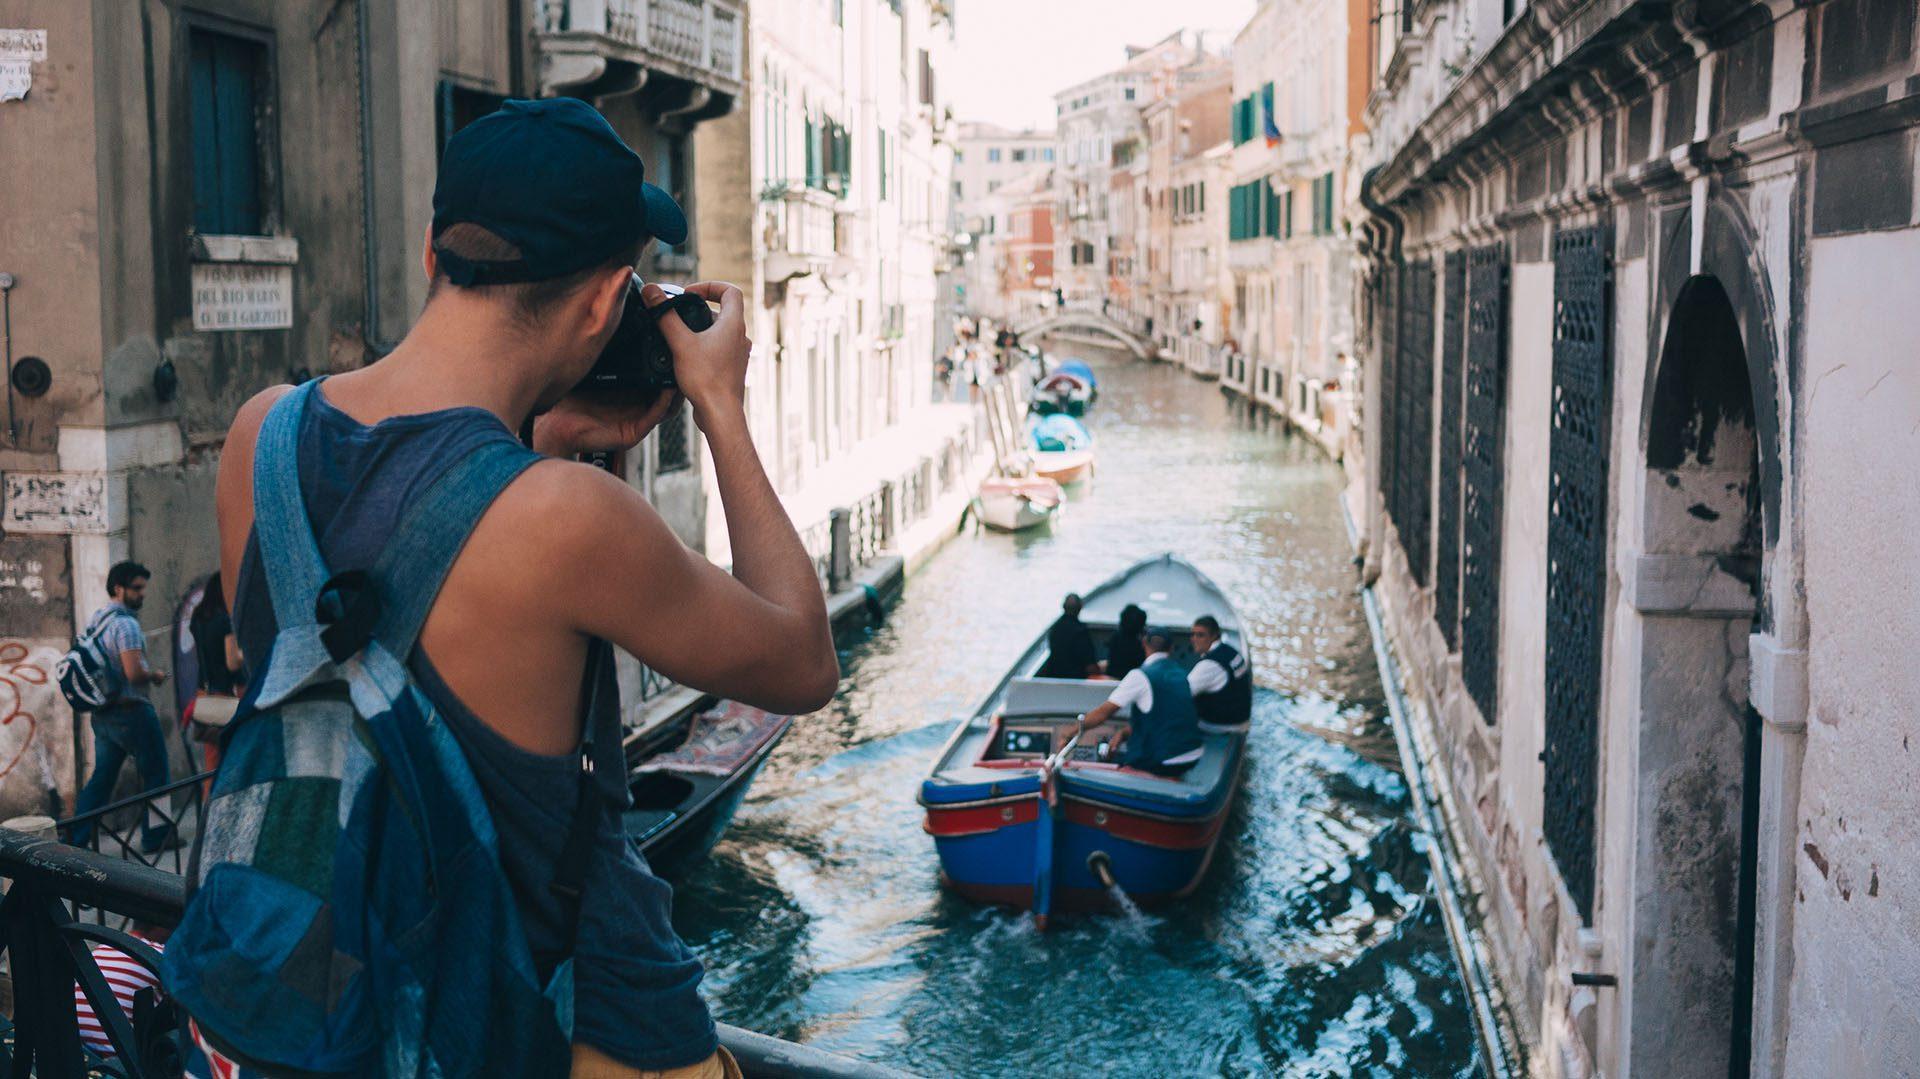 Quartier gay à Venise